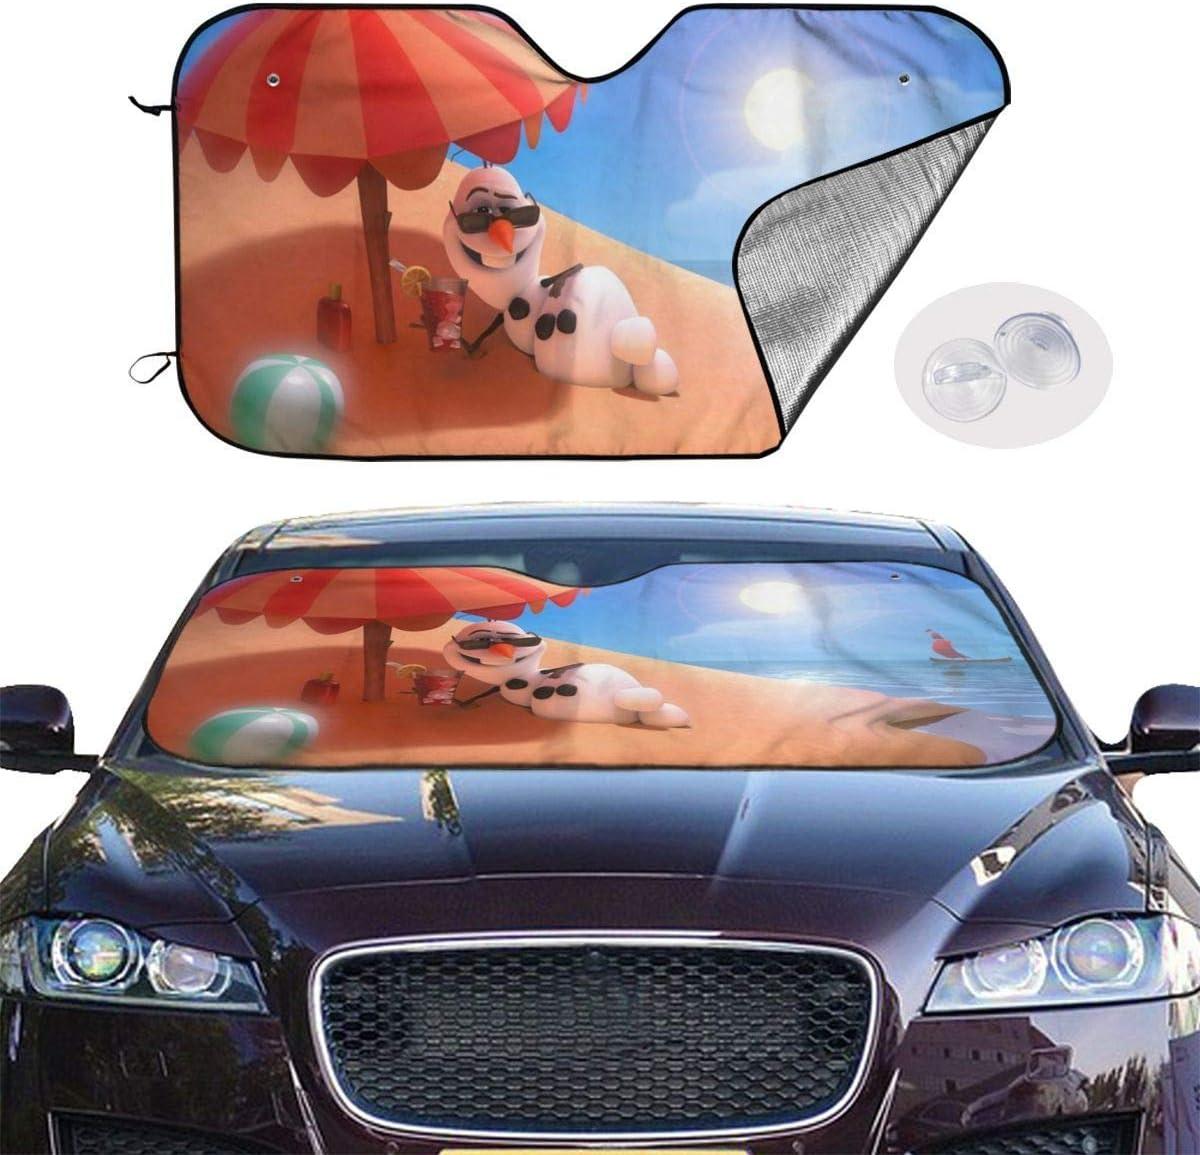 GFHTH Parasole Parasole per Auto Olaf congelato Blocca i Raggi UV Visiera Parasole per Mantenere Fresco Il Veicolo e Evitare Danni 51 X 27,5 Pollici